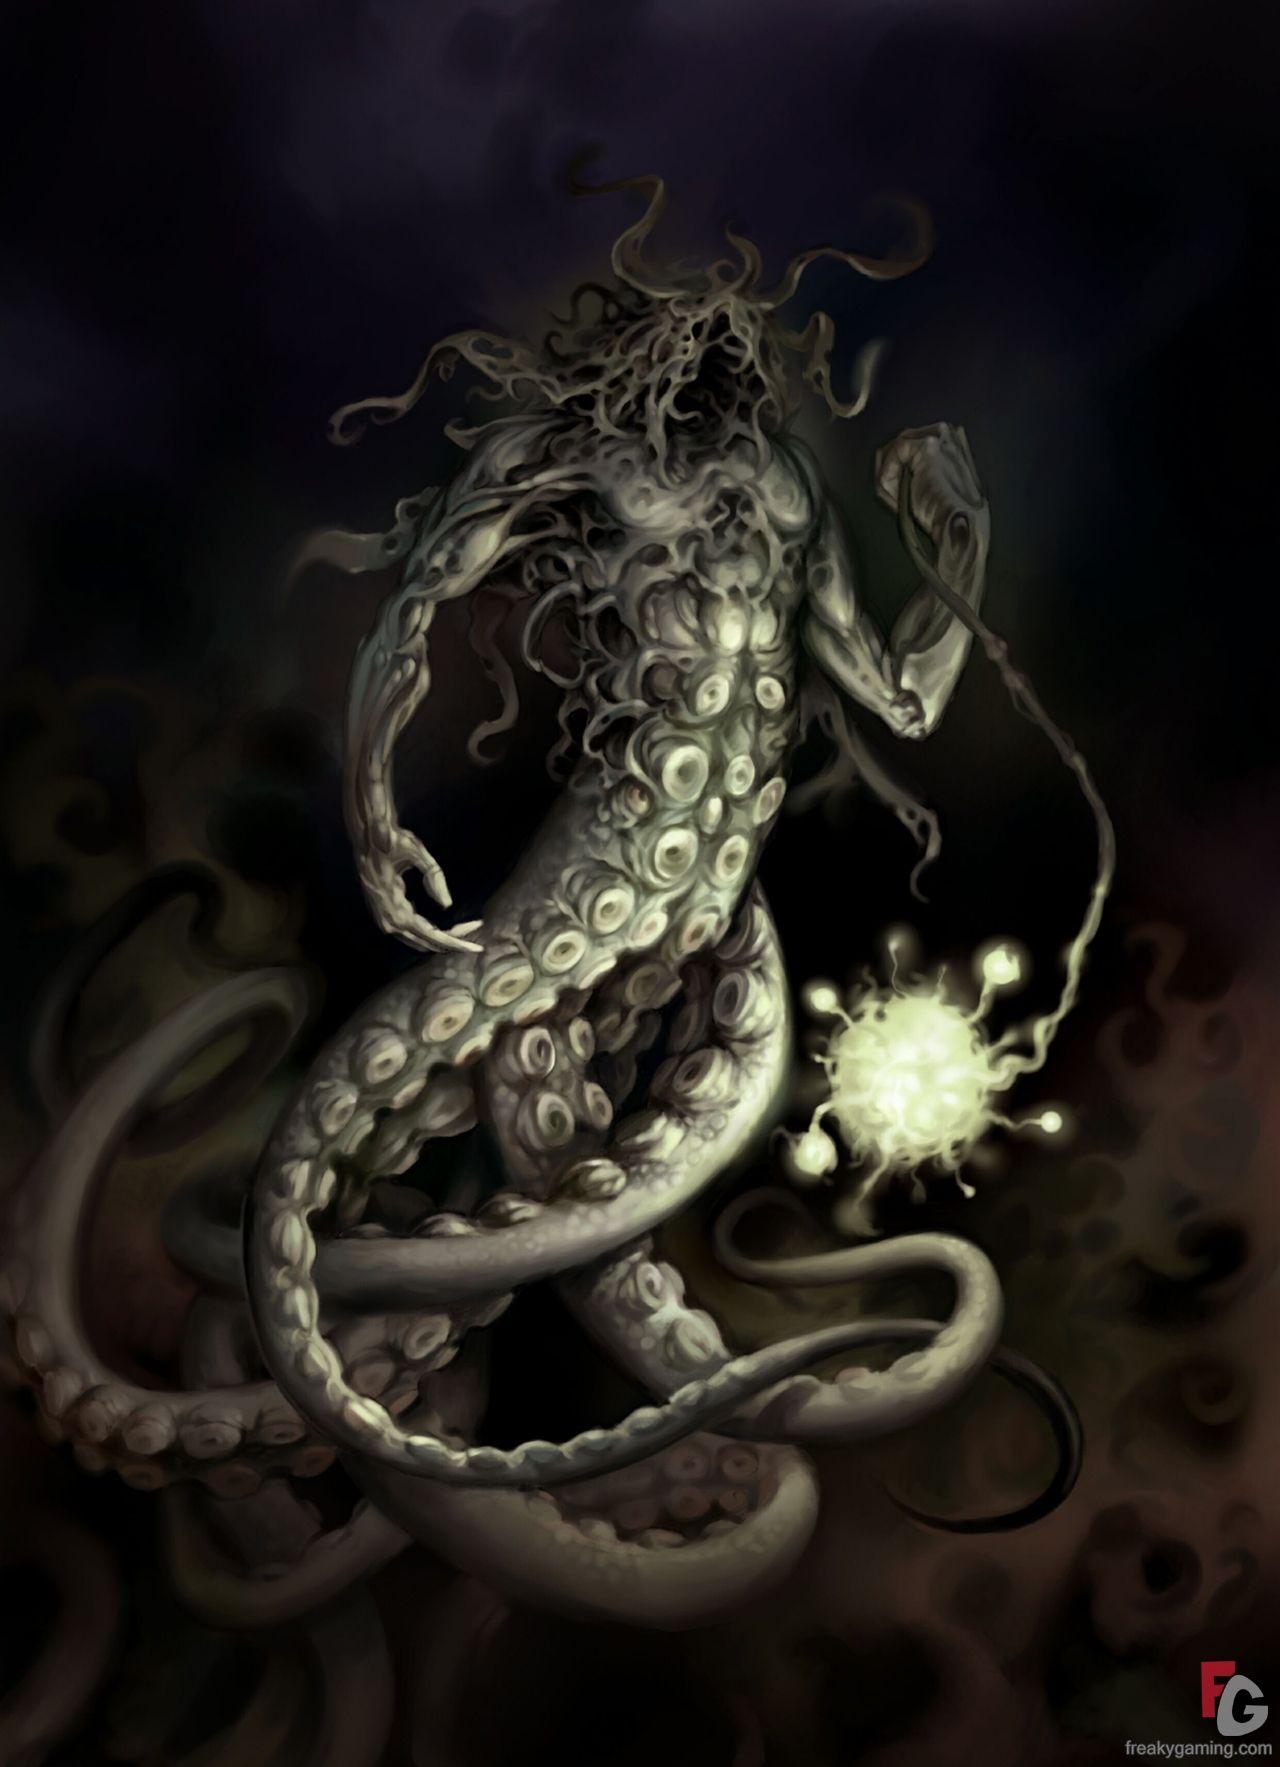 Octopus Art Elveon Monster Freakygaming Love